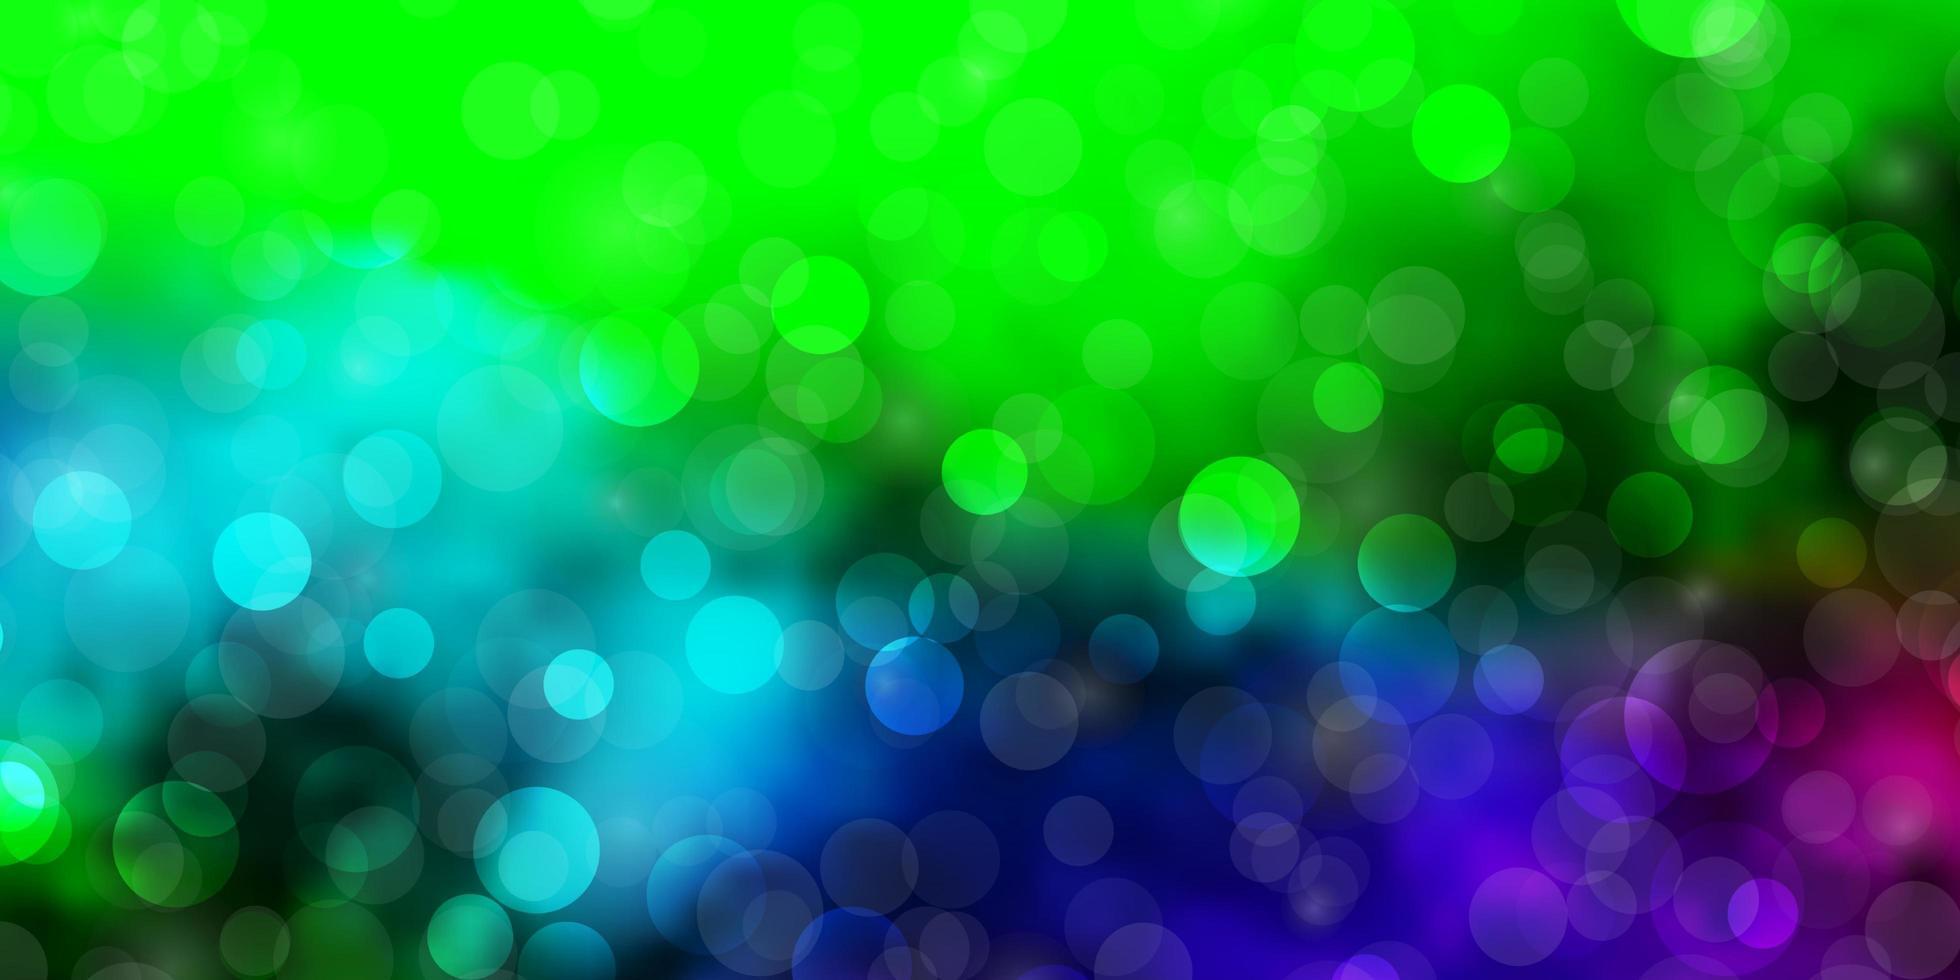 modèle vectoriel multicolore foncé avec des cercles.